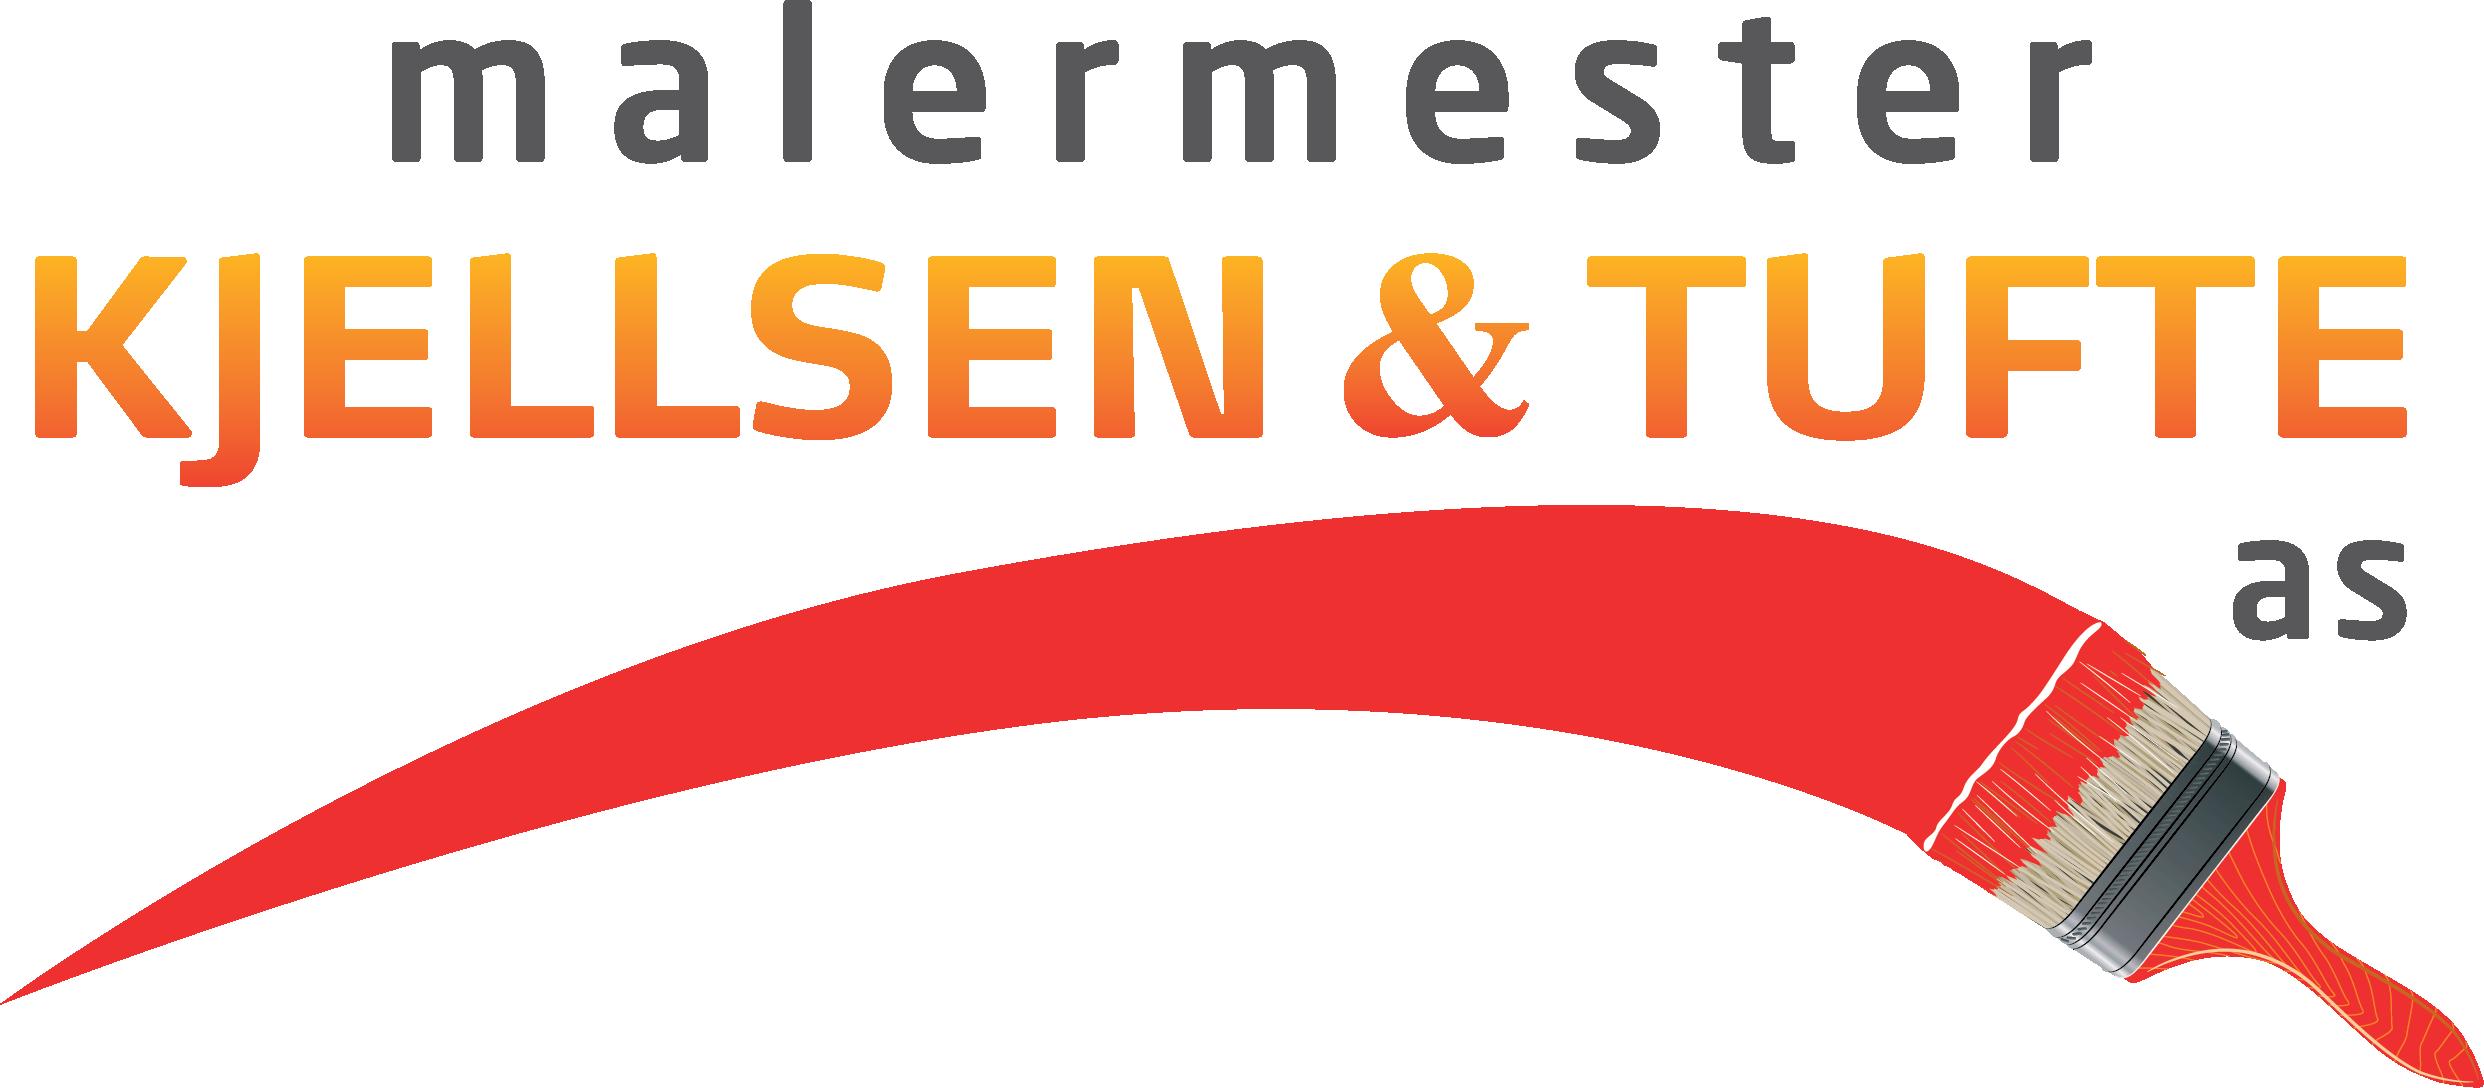 Malermester Kjellsen & Tufte